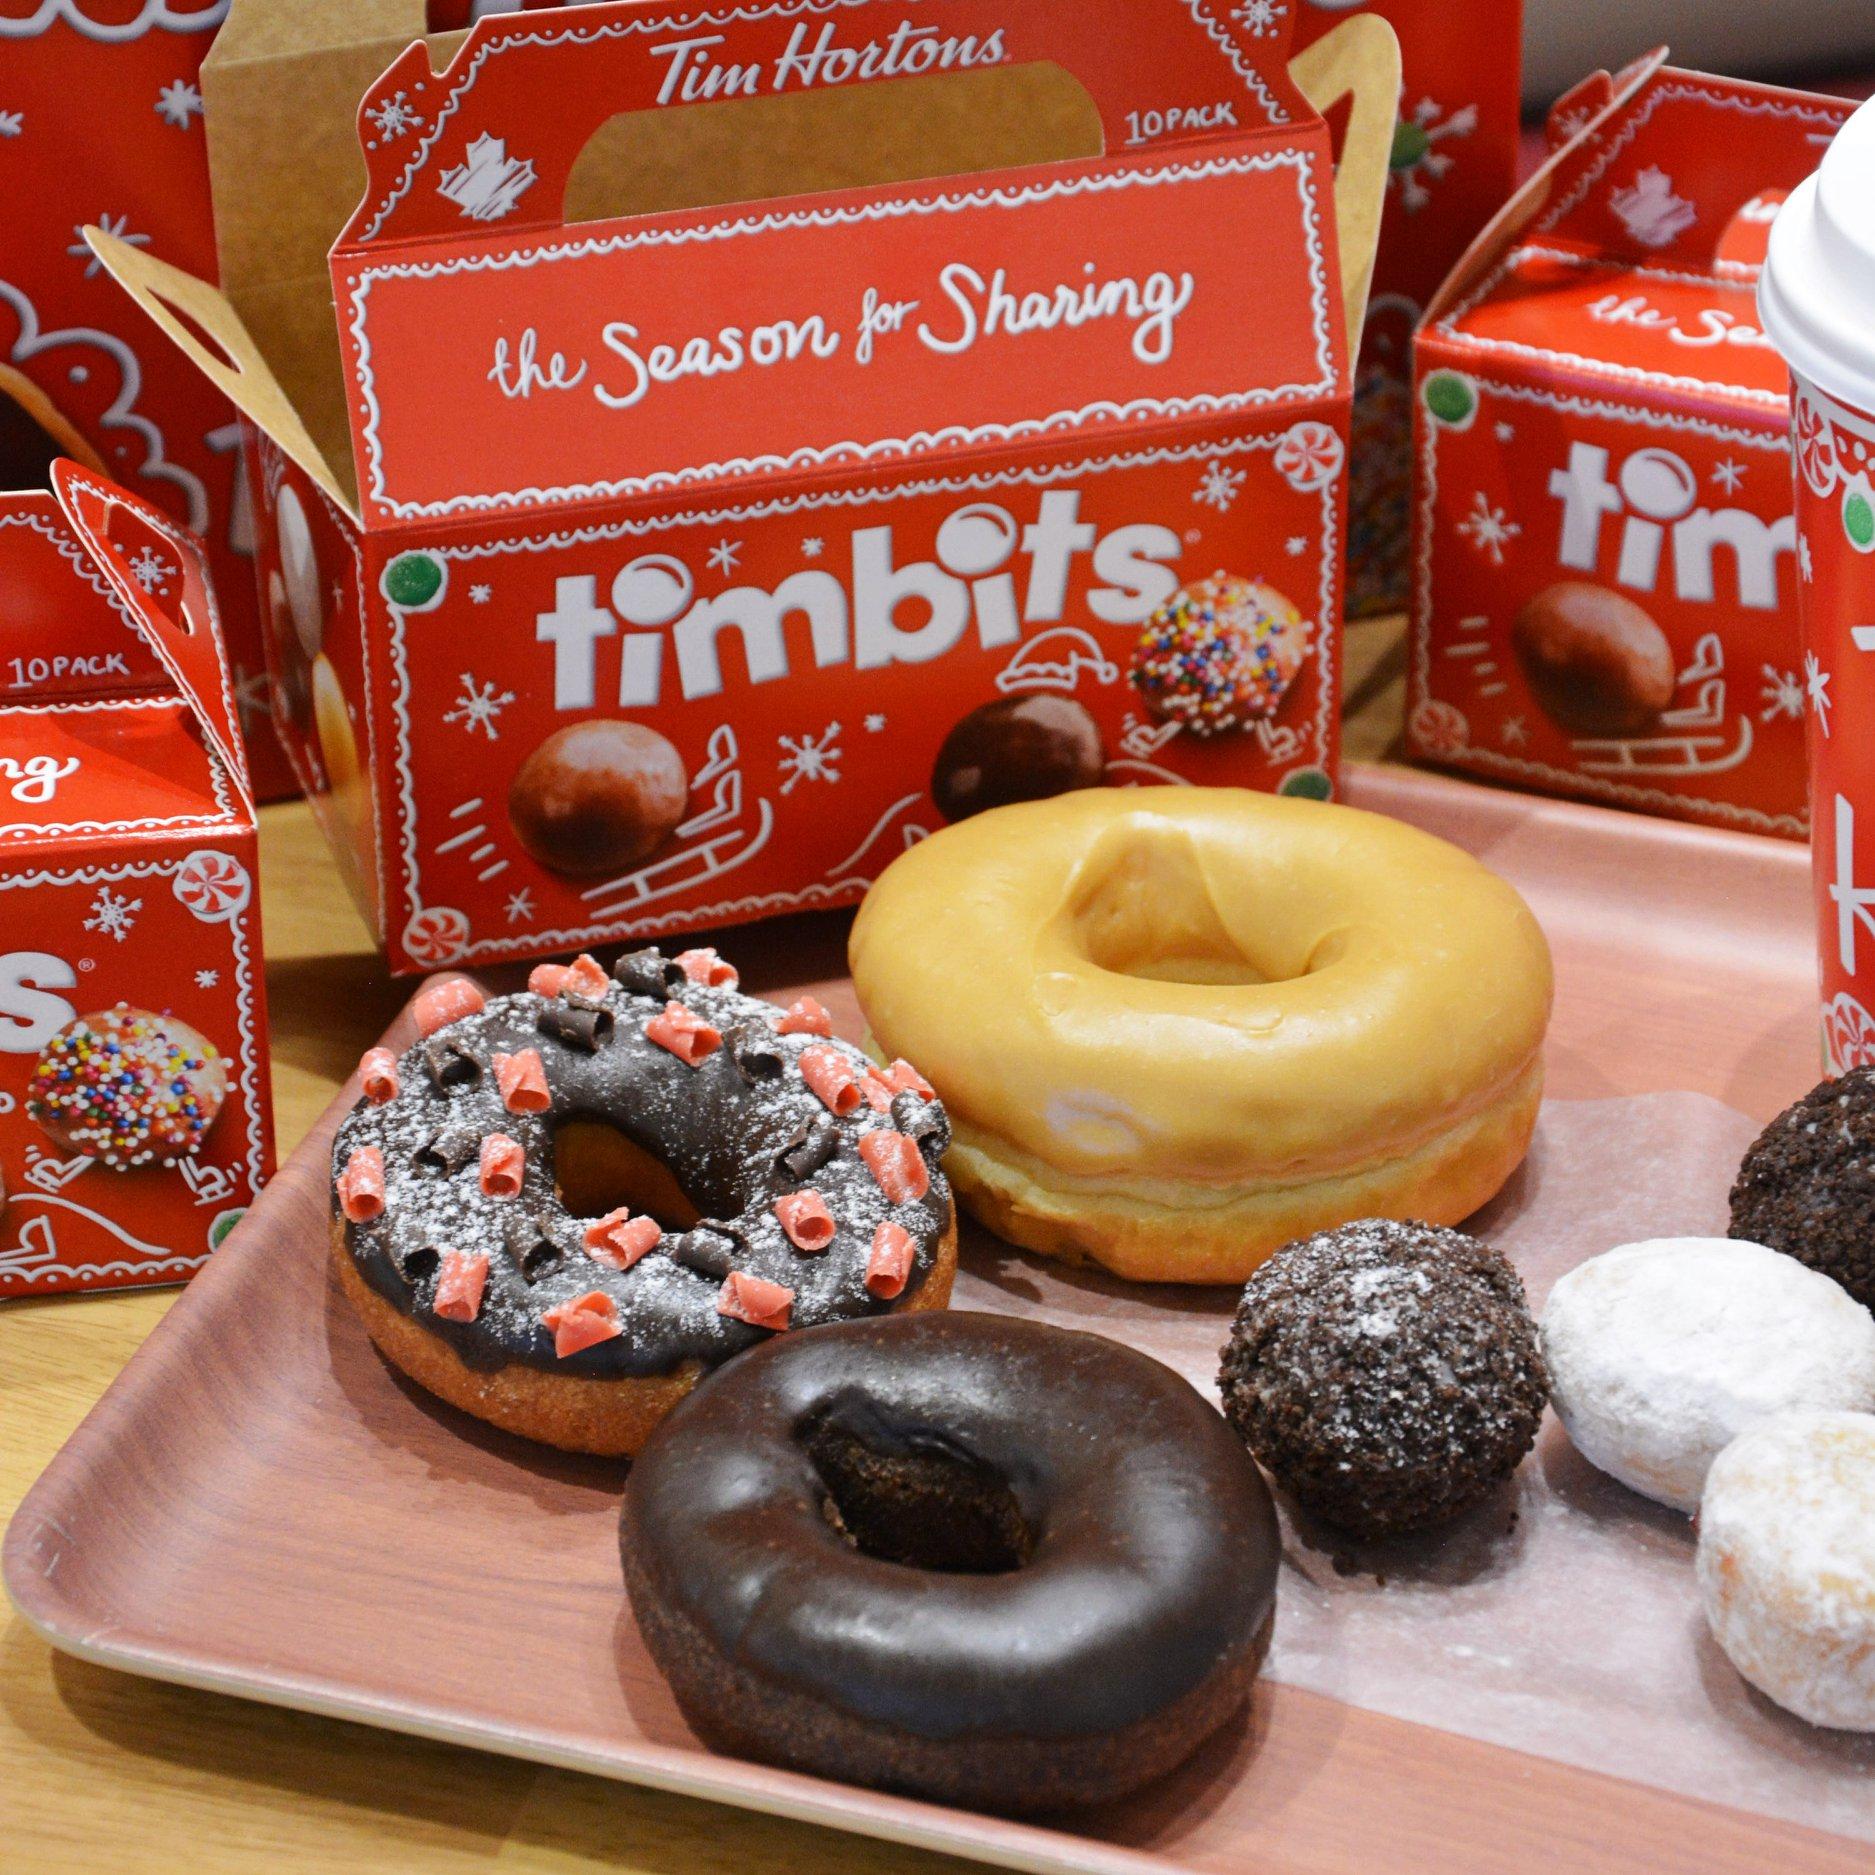 donut 03 - แนะนำ 7 ร้านโดนัทแสนอร่อย แป้งนุ่ม หน้าล้น ที่ไม่ควรพลาด